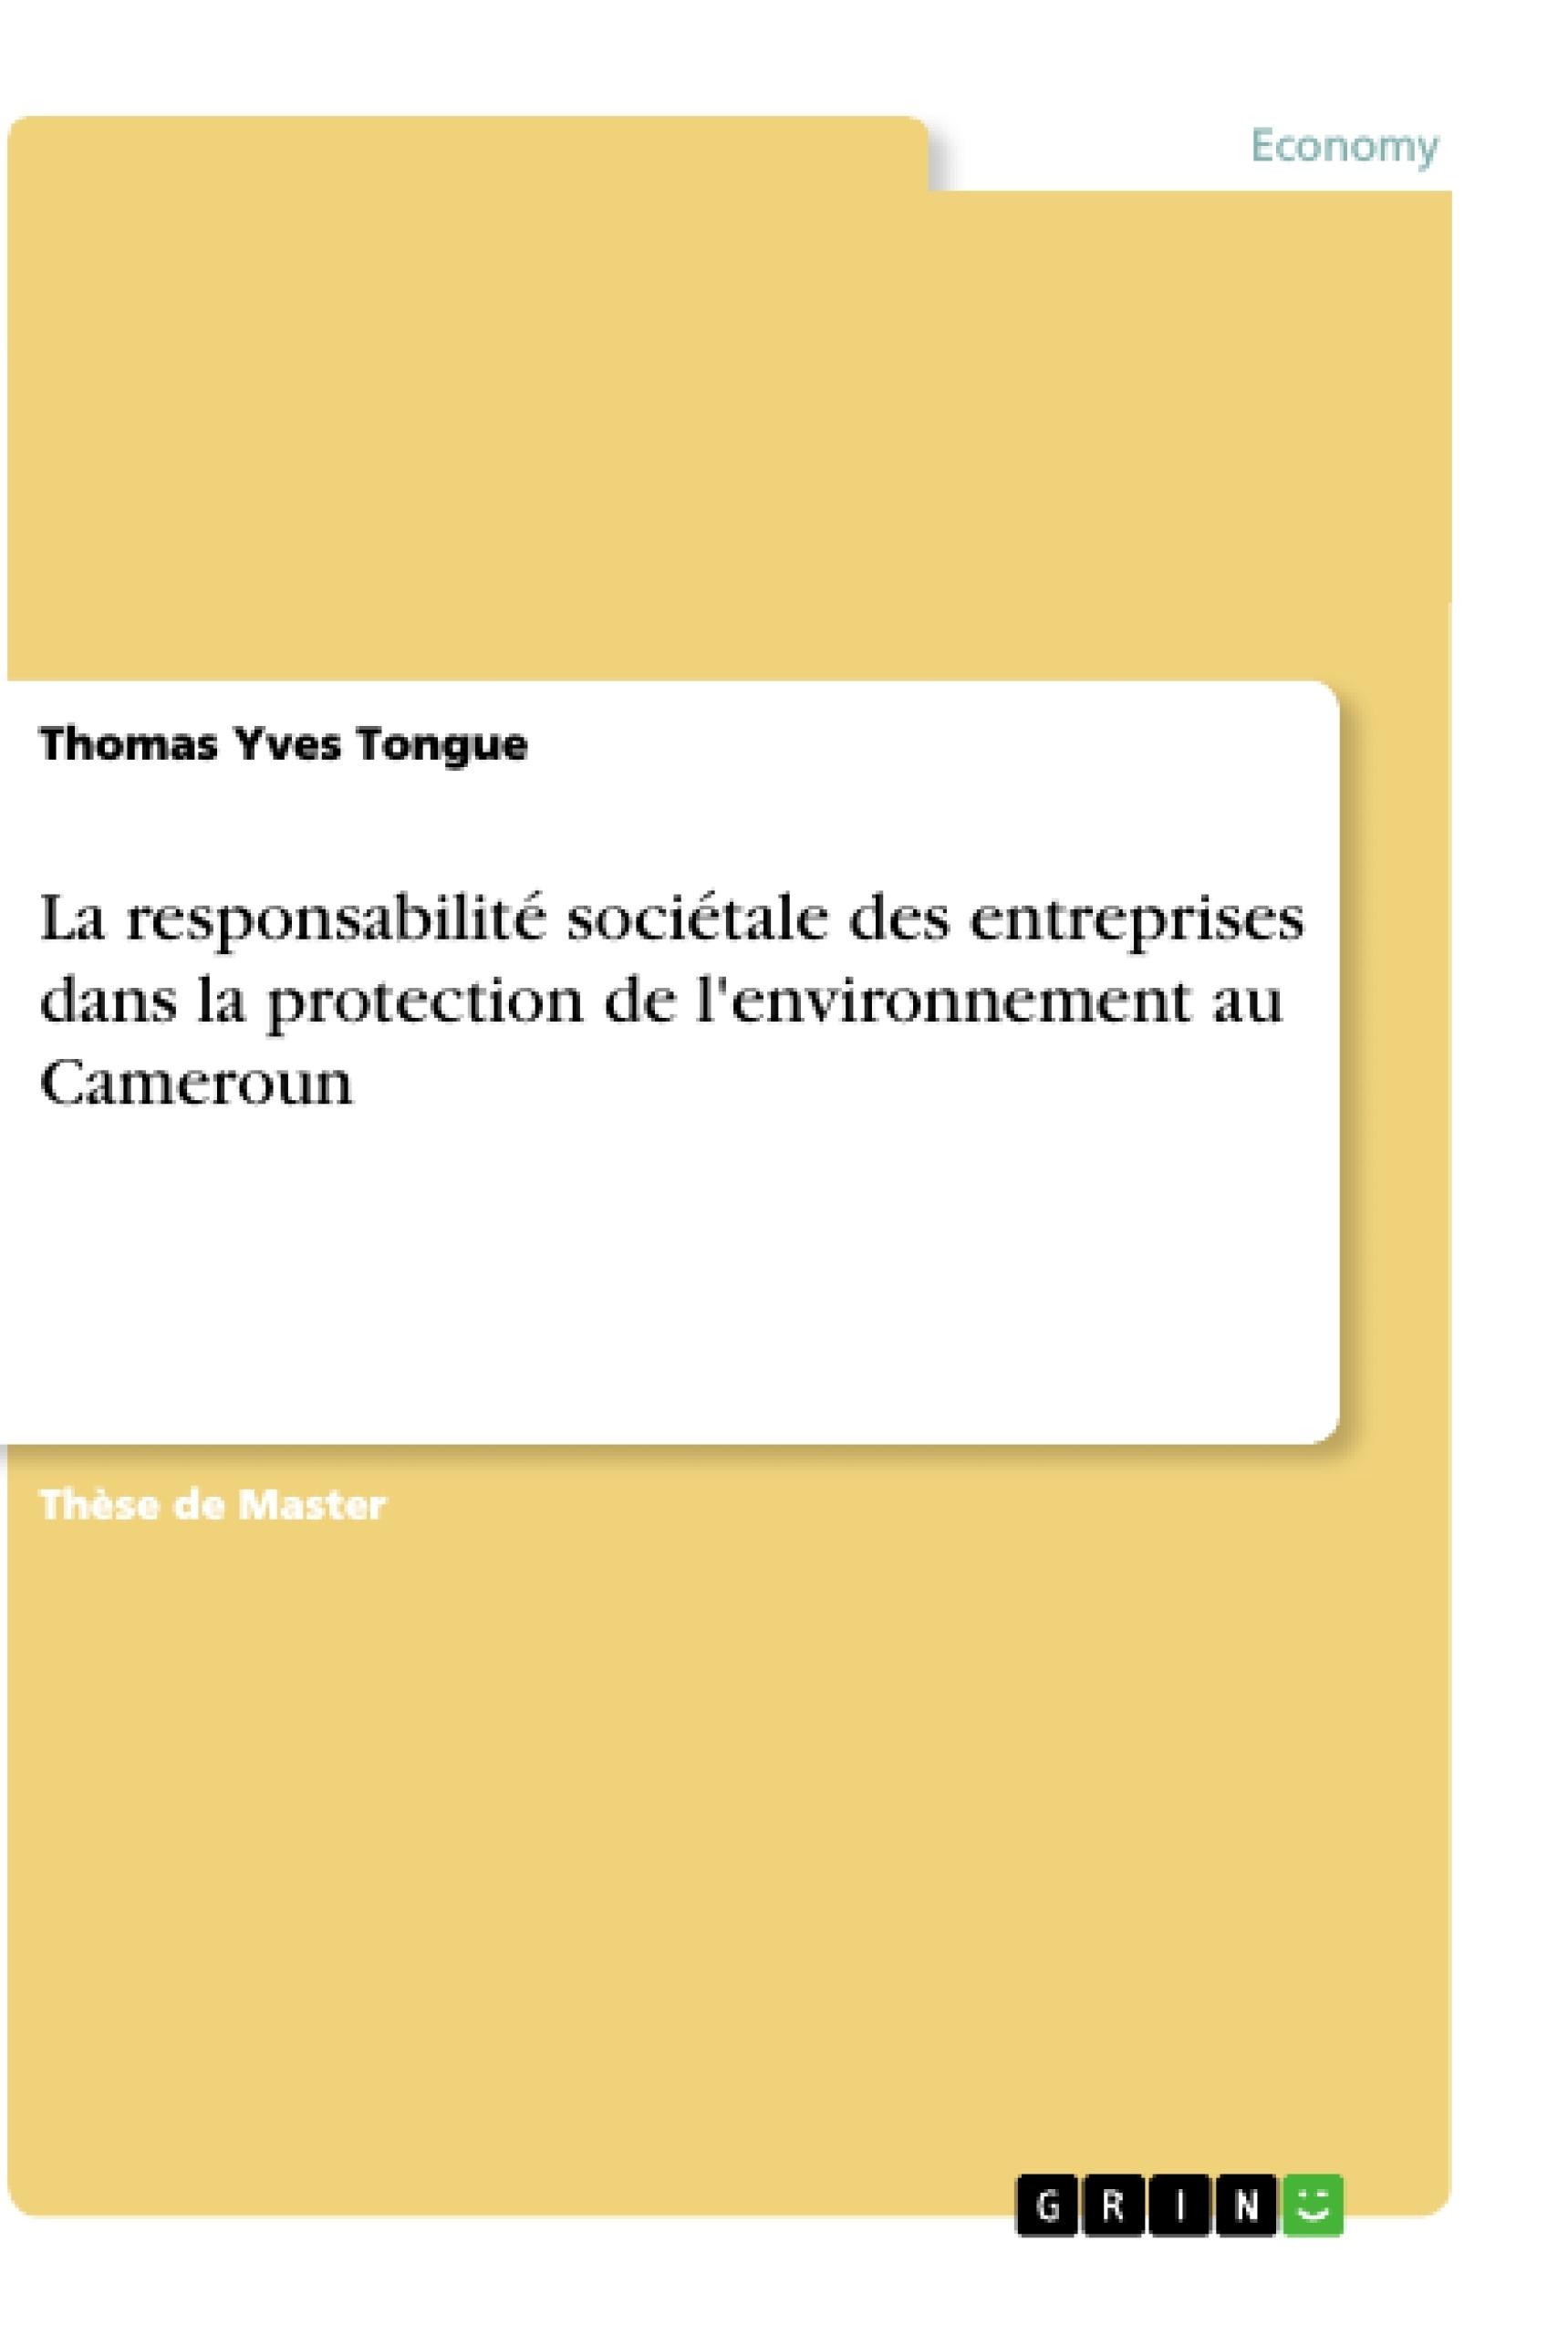 Titre: La responsabilité sociétale des entreprises dans la protection de l'environnement au Cameroun